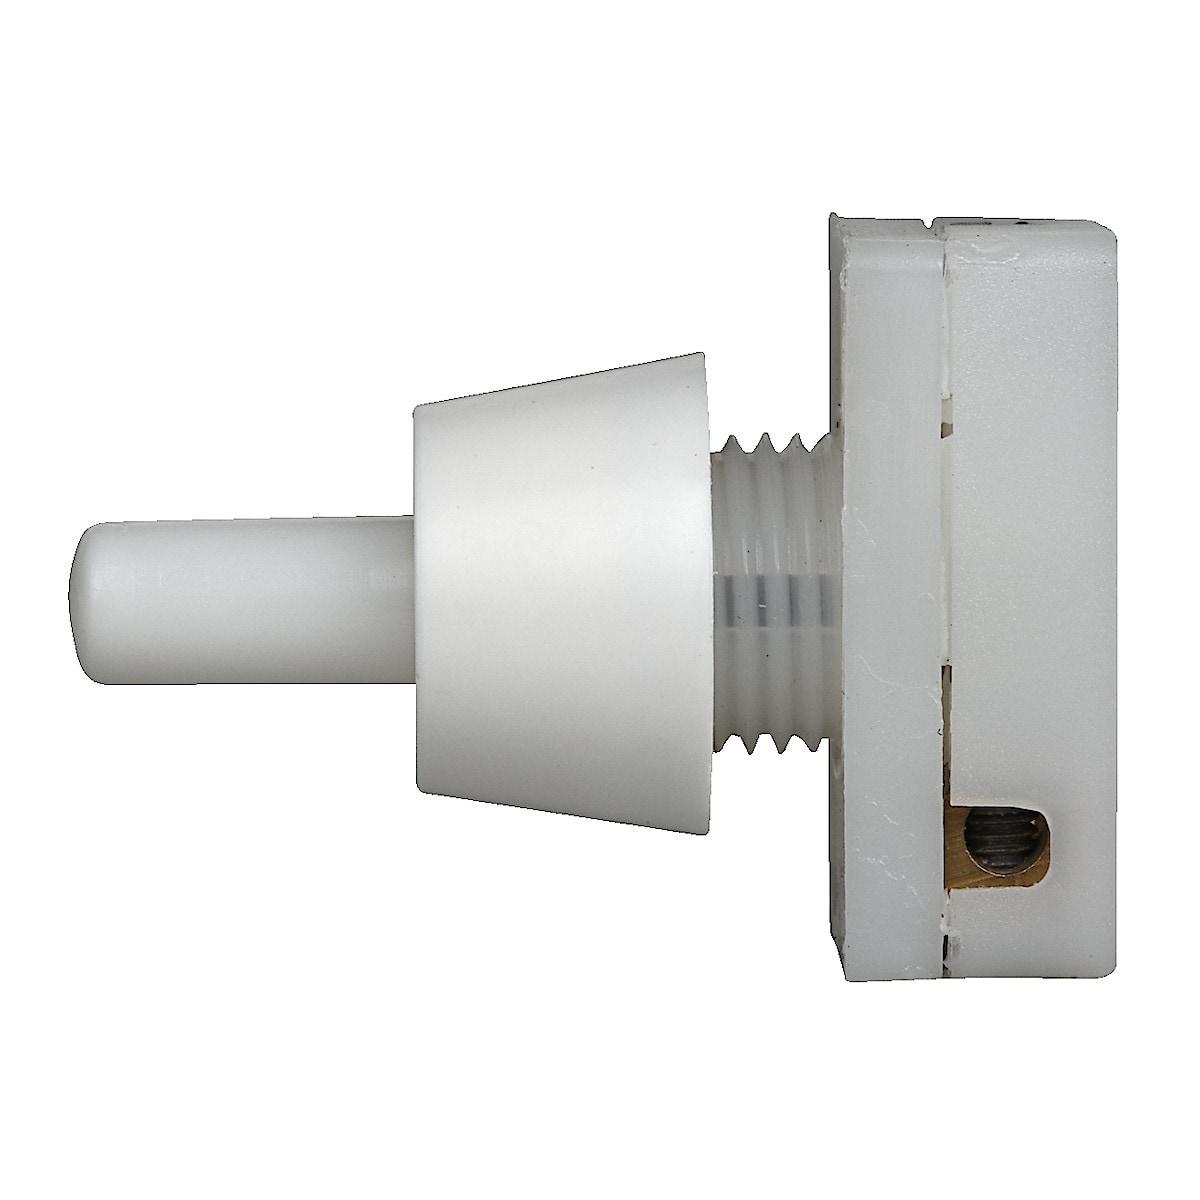 SPST Latching Push-Button Switch